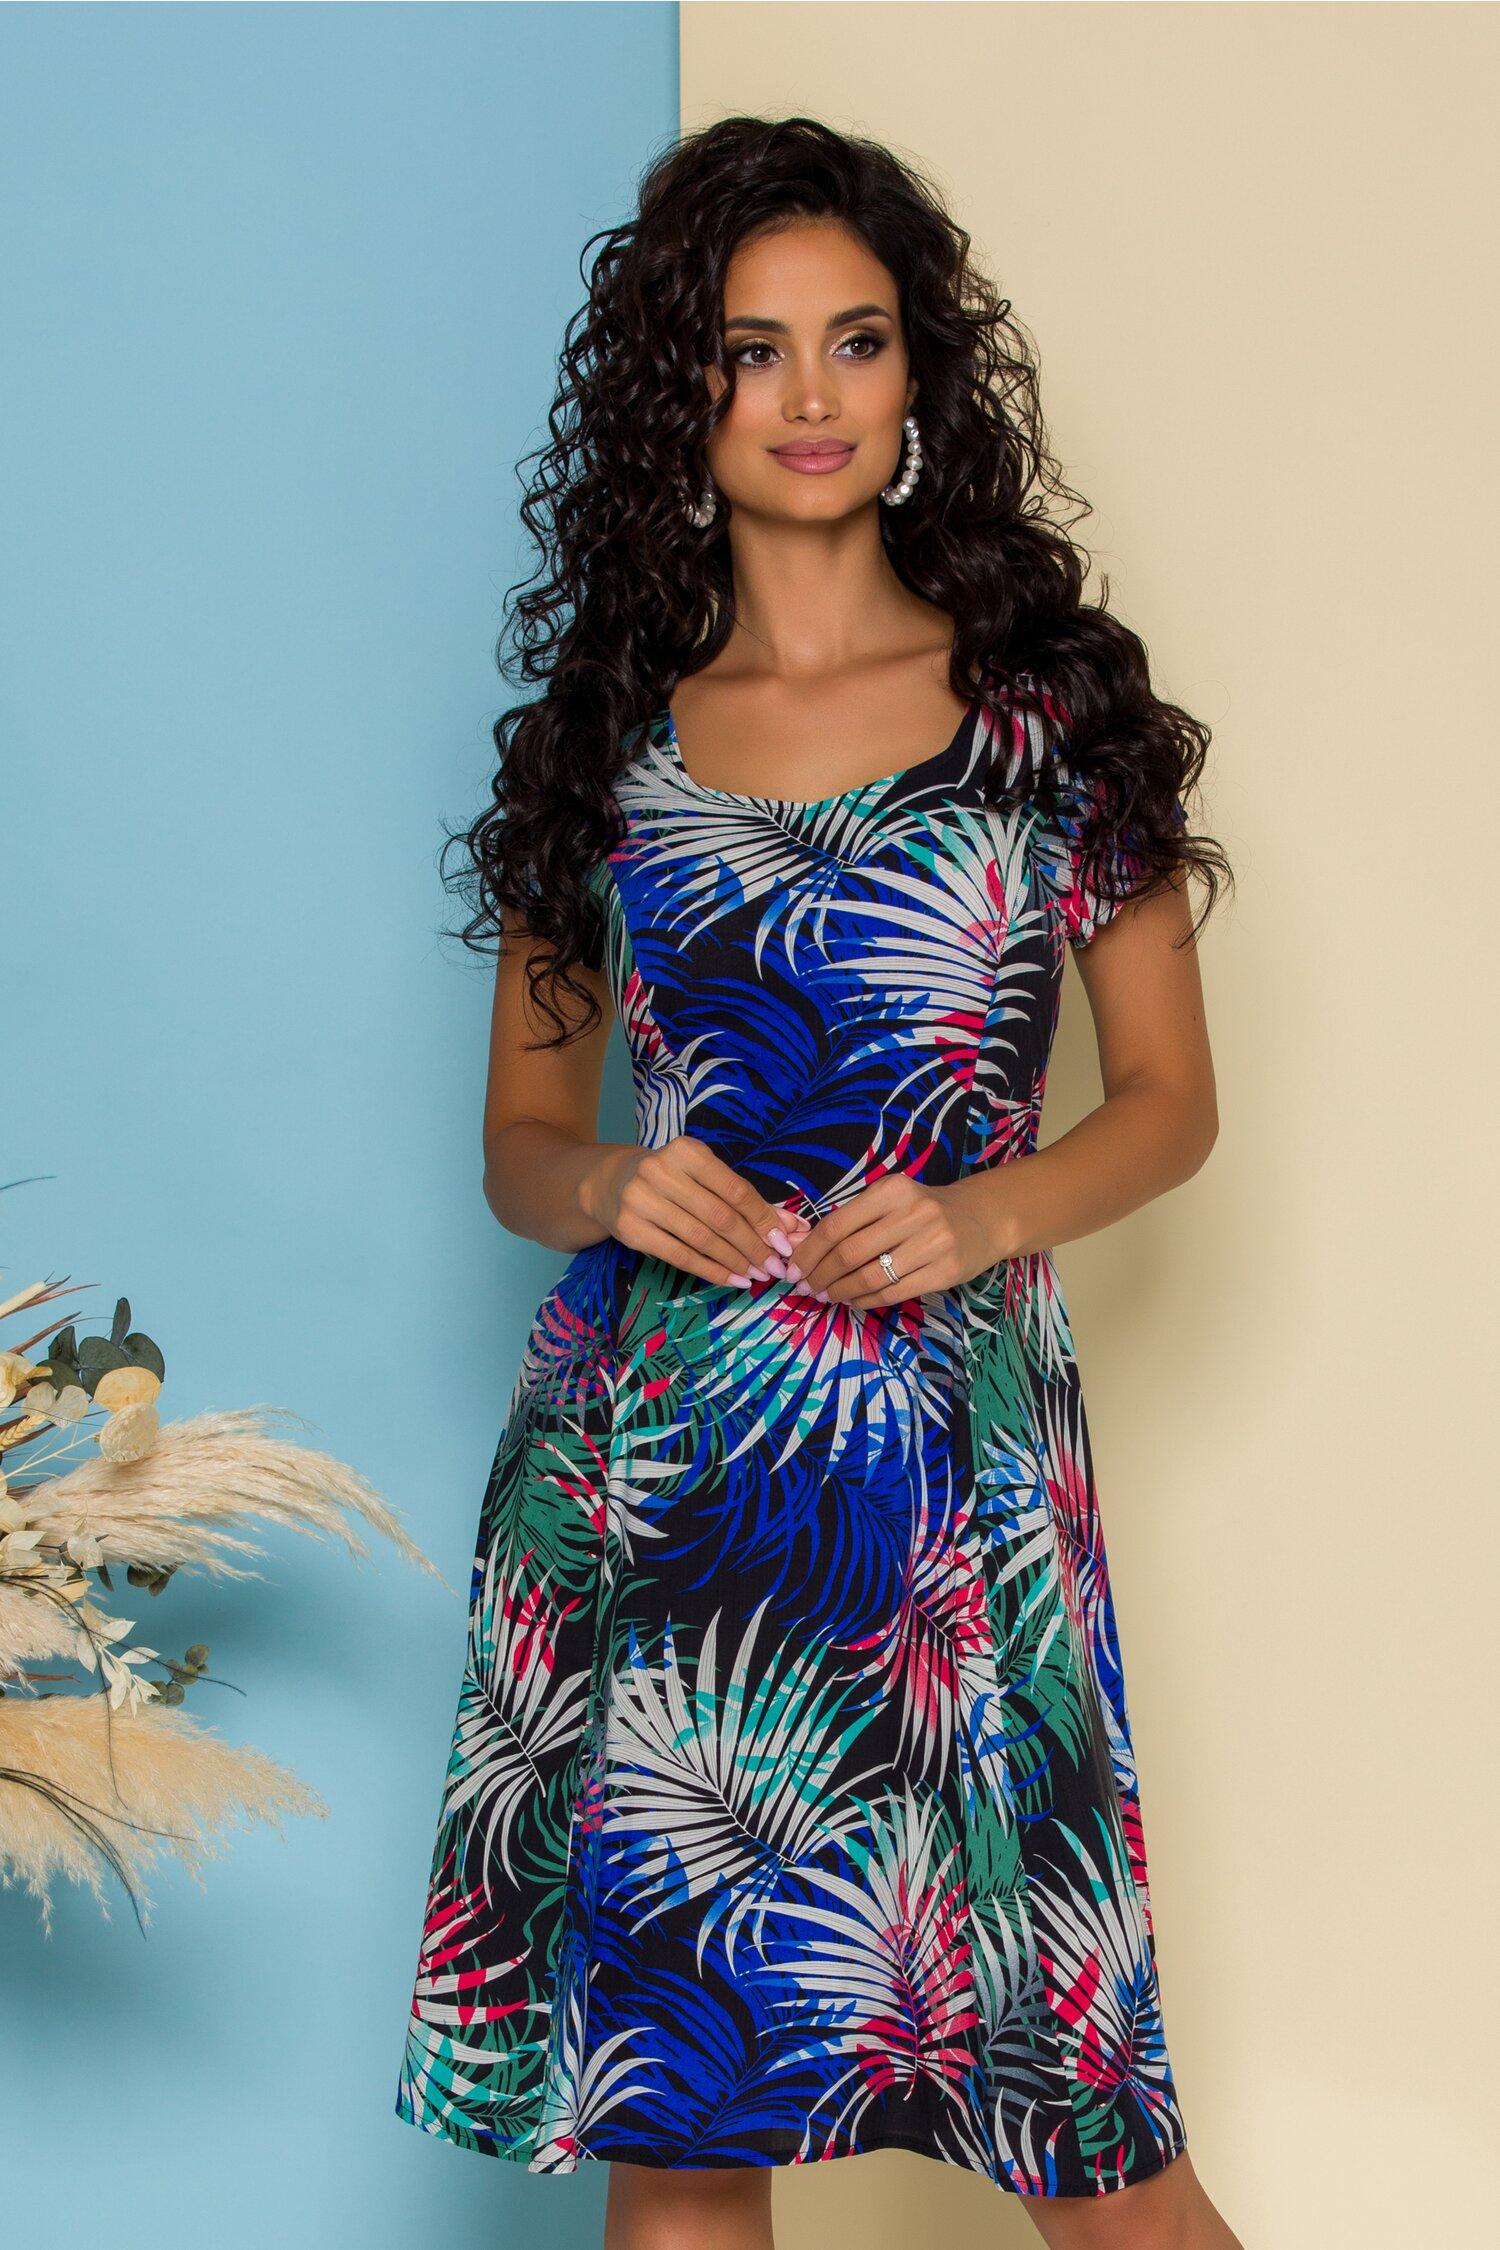 Rochie Sonia neagra cu imprimeu exotic colorat